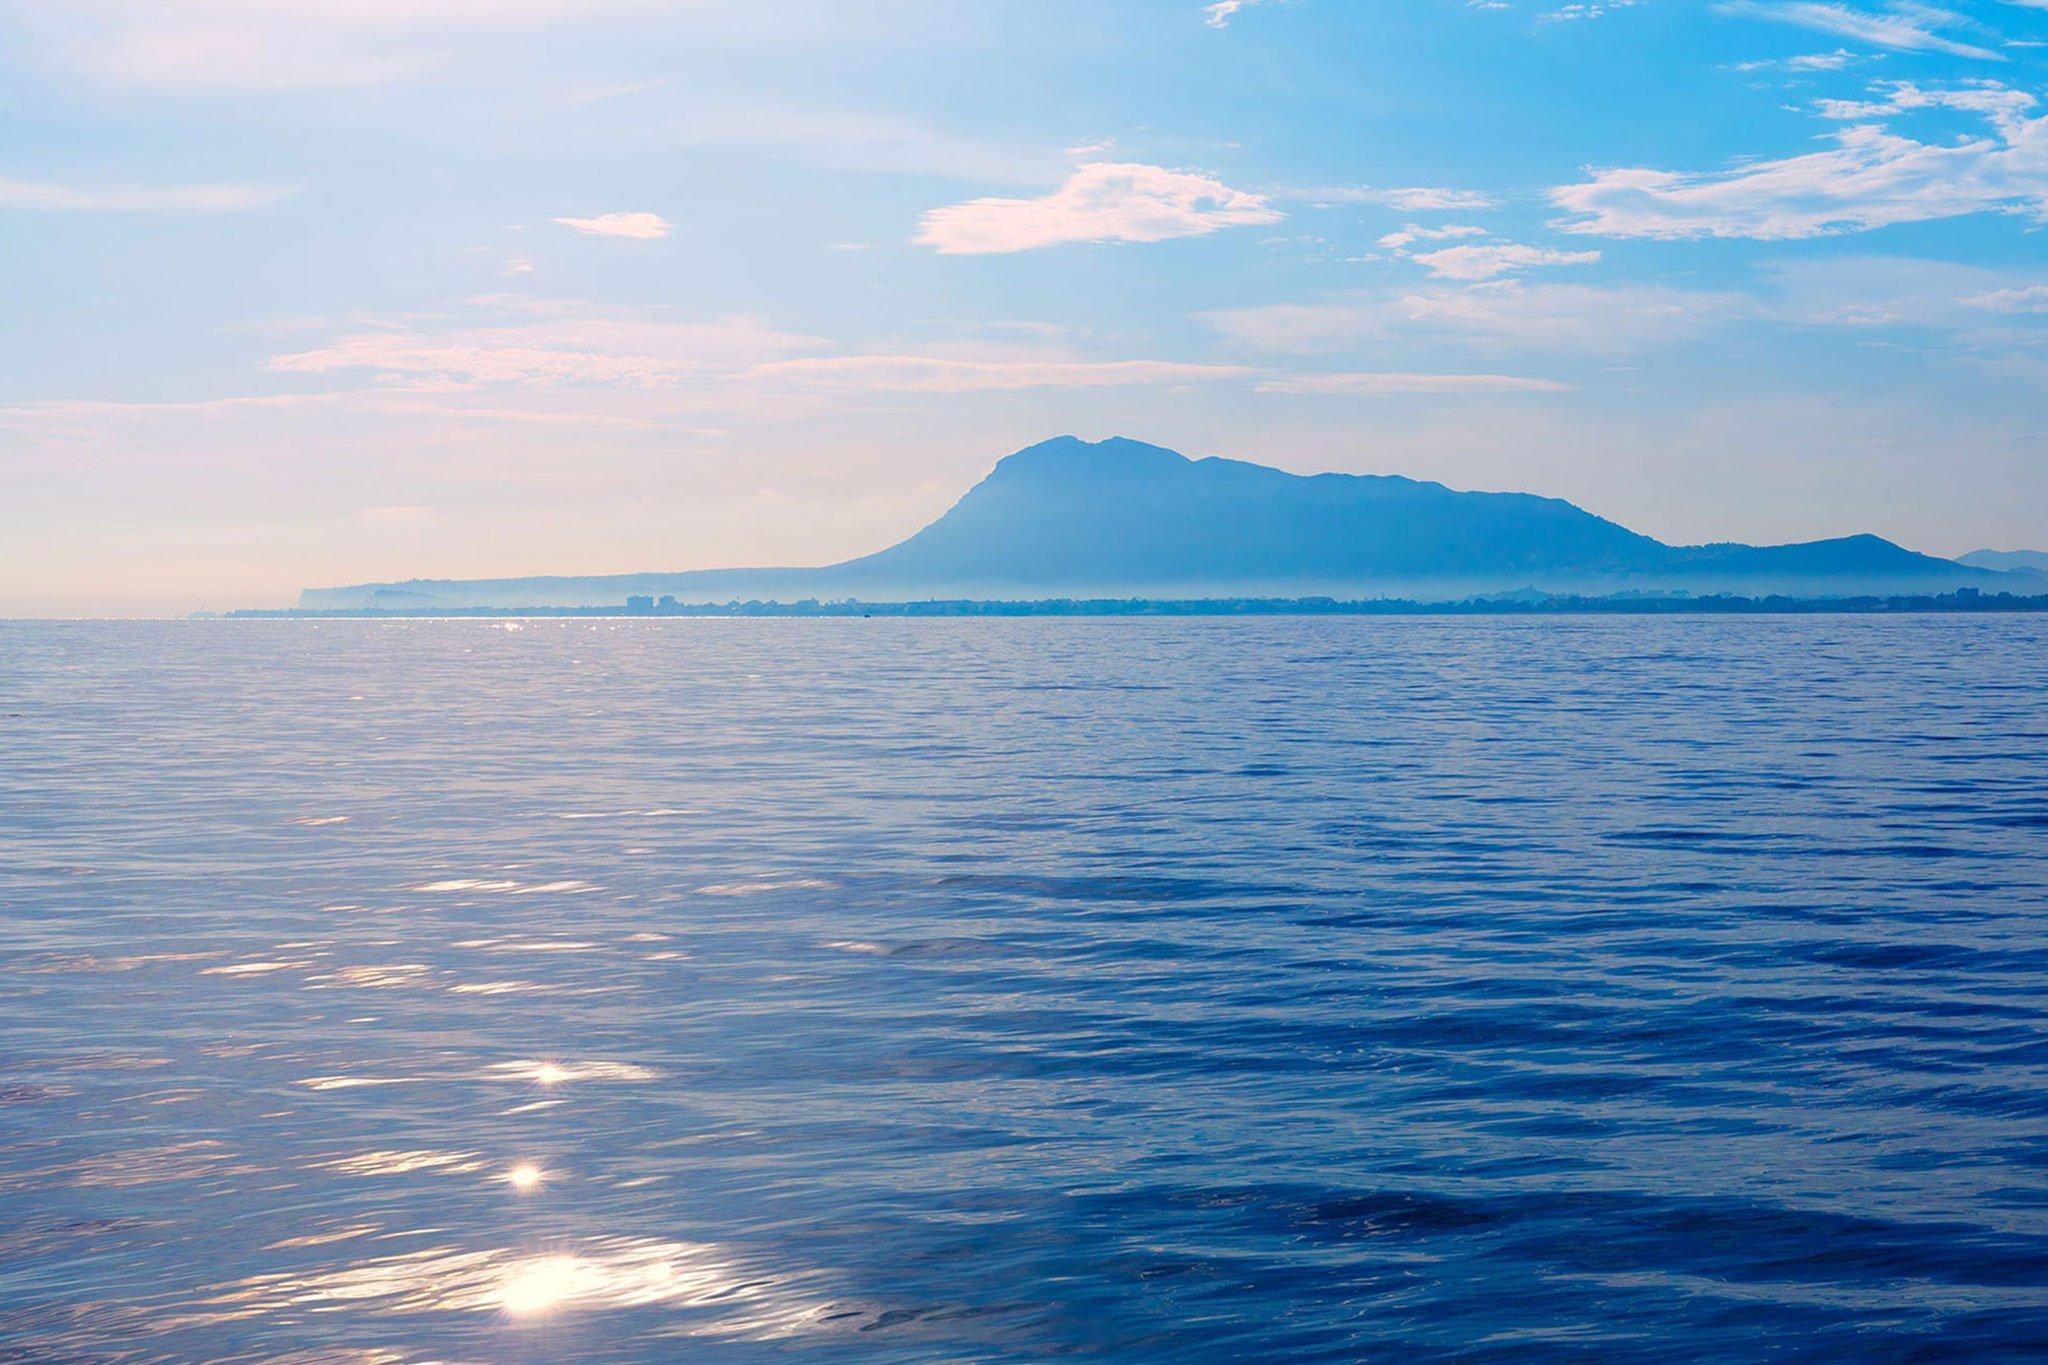 La silueta del Montgó desde el mar (Fuente: Banco de imágenes Shutterstock)